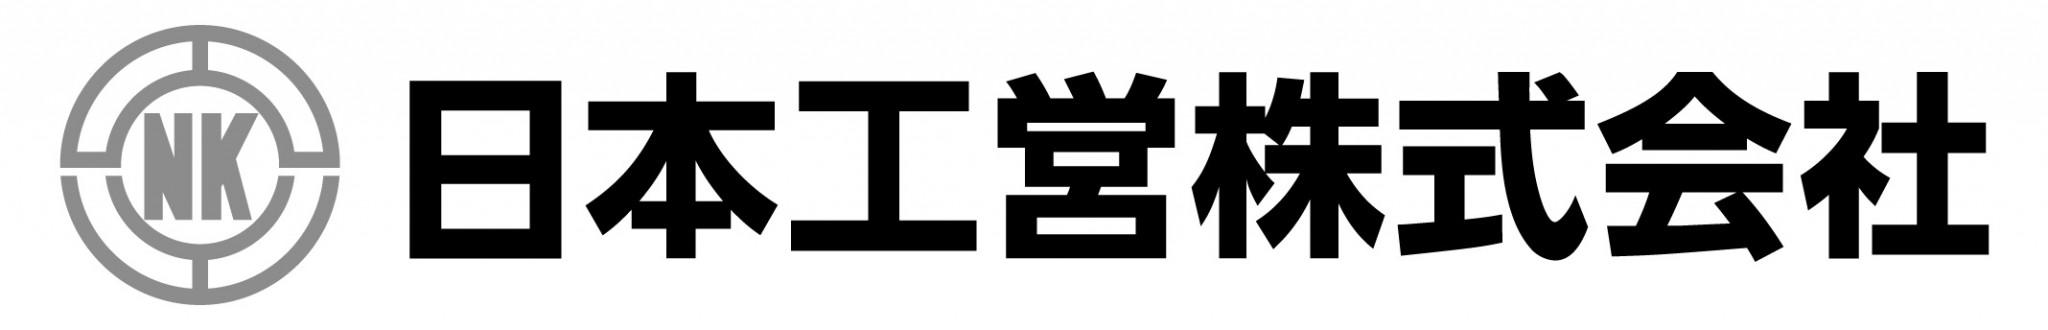 日本 工 営